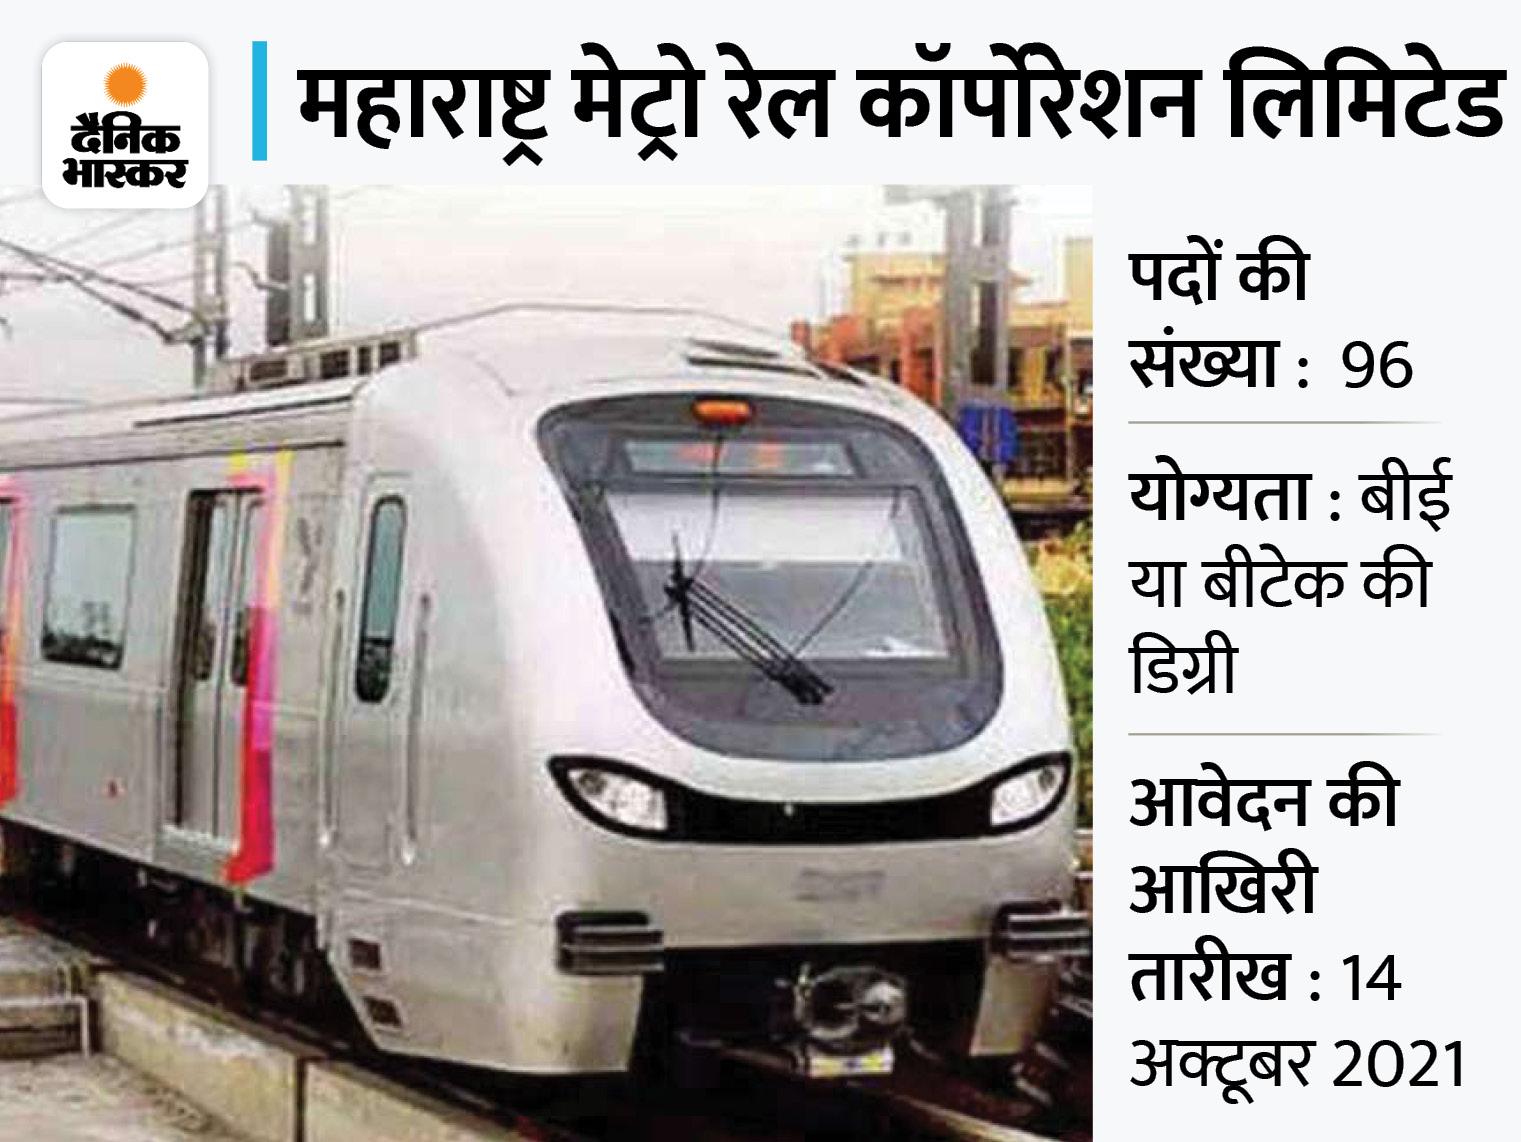 महाराष्ट्र मेट्रो रेल कॉर्पोरेशन लिमिटेड ने 96 पदों पर निकाली भर्ती, बीई, बीटेक कैंडिडेट्स 14 अक्टूबर 2021 तक कर सकते हैं आवेदन करिअर,Career - Dainik Bhaskar